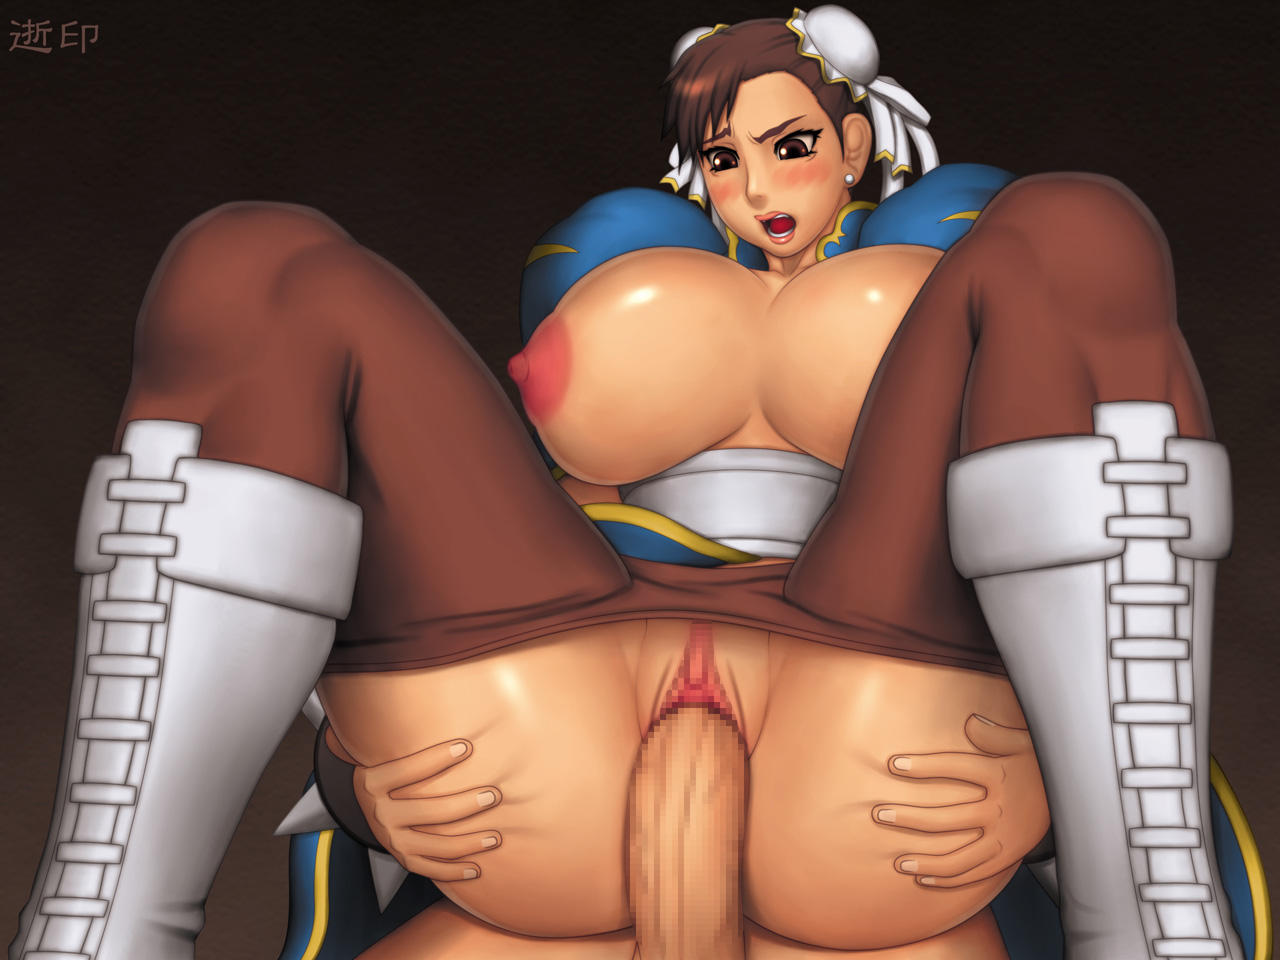 Стрит файтерс порно игра, Street Fighter - порно игра, видео и фото 5 фотография